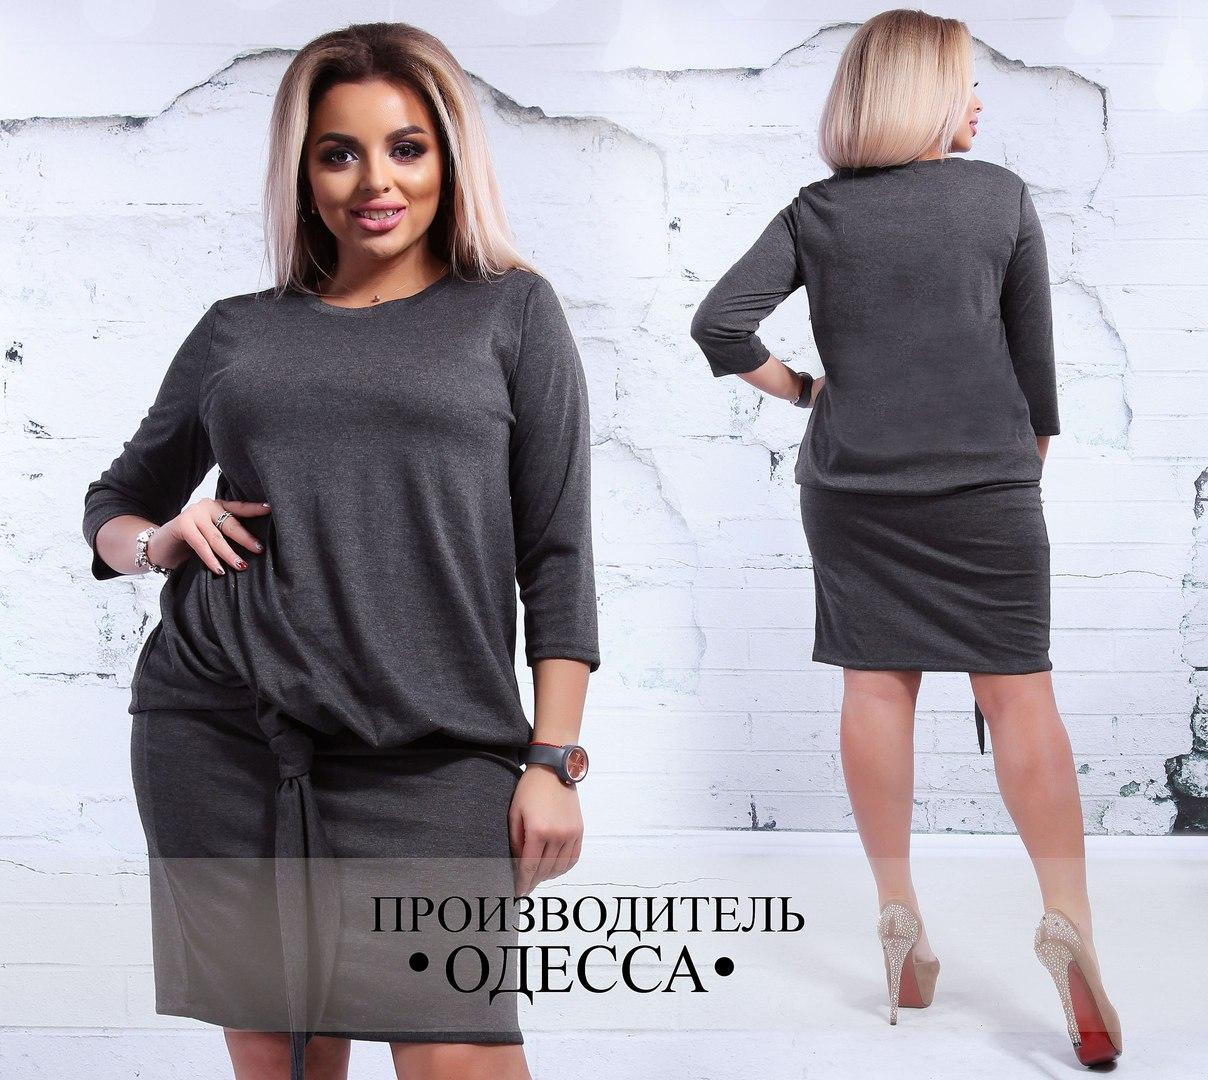 Платье больших размеров 48+ из теплого трикотажа / 2 цвета арт 3292-178